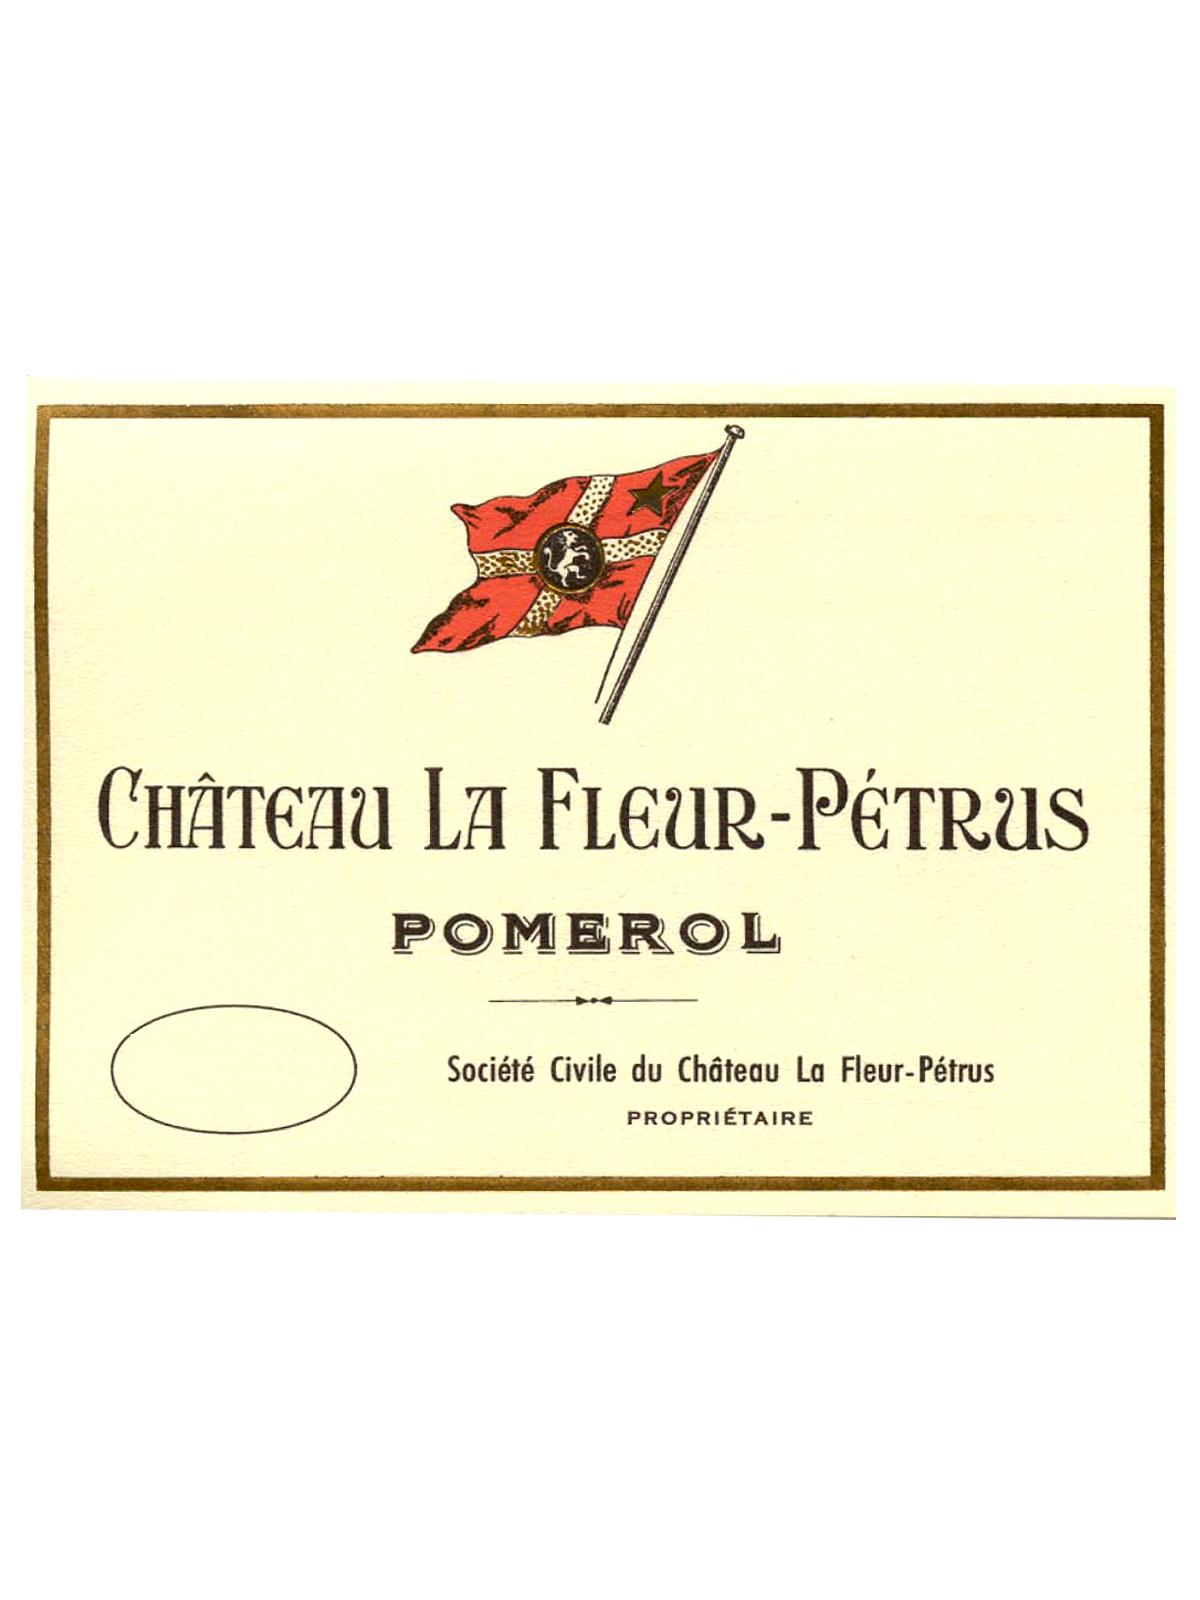 1950 Chateau La Fleur Petrus Pomerol 75cl Chateau Com